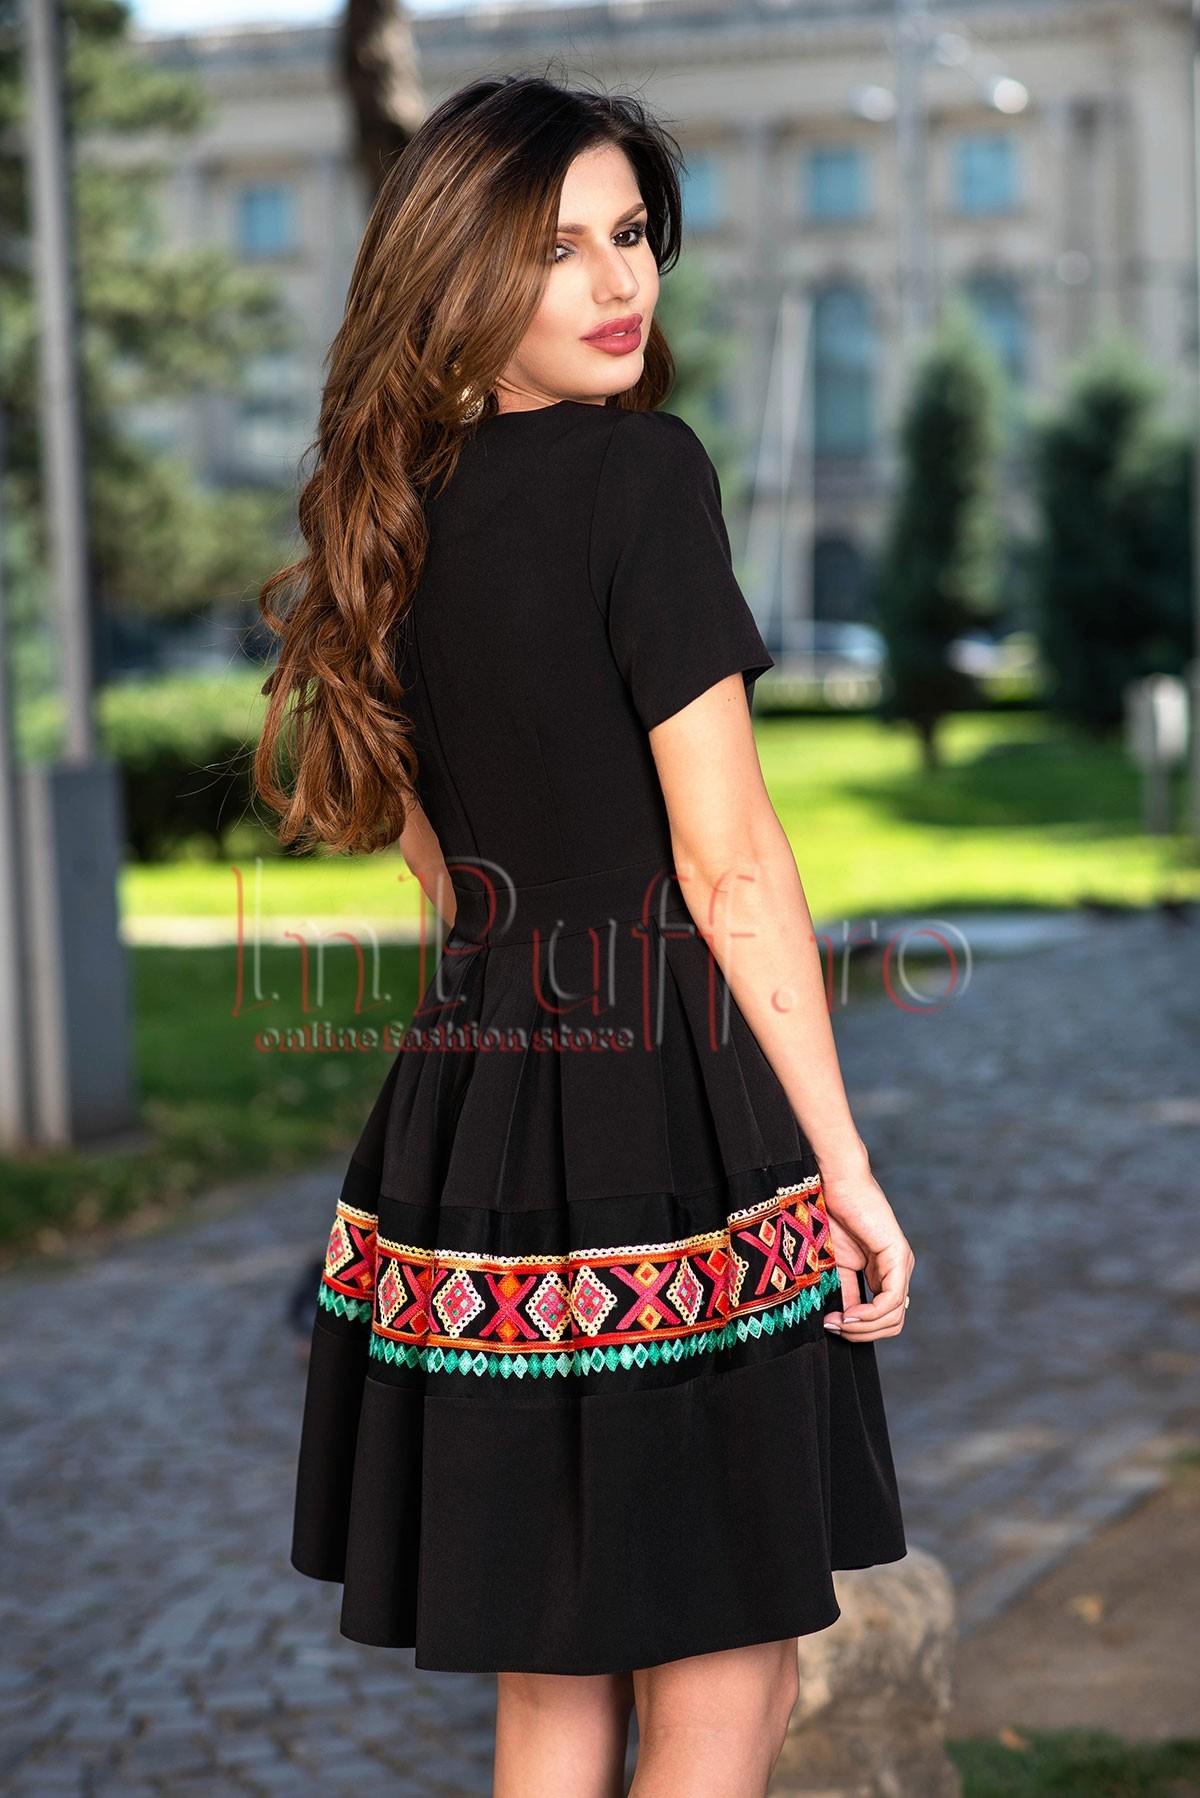 Rochie eleganta neagra cu broderie florala aplicata si guler